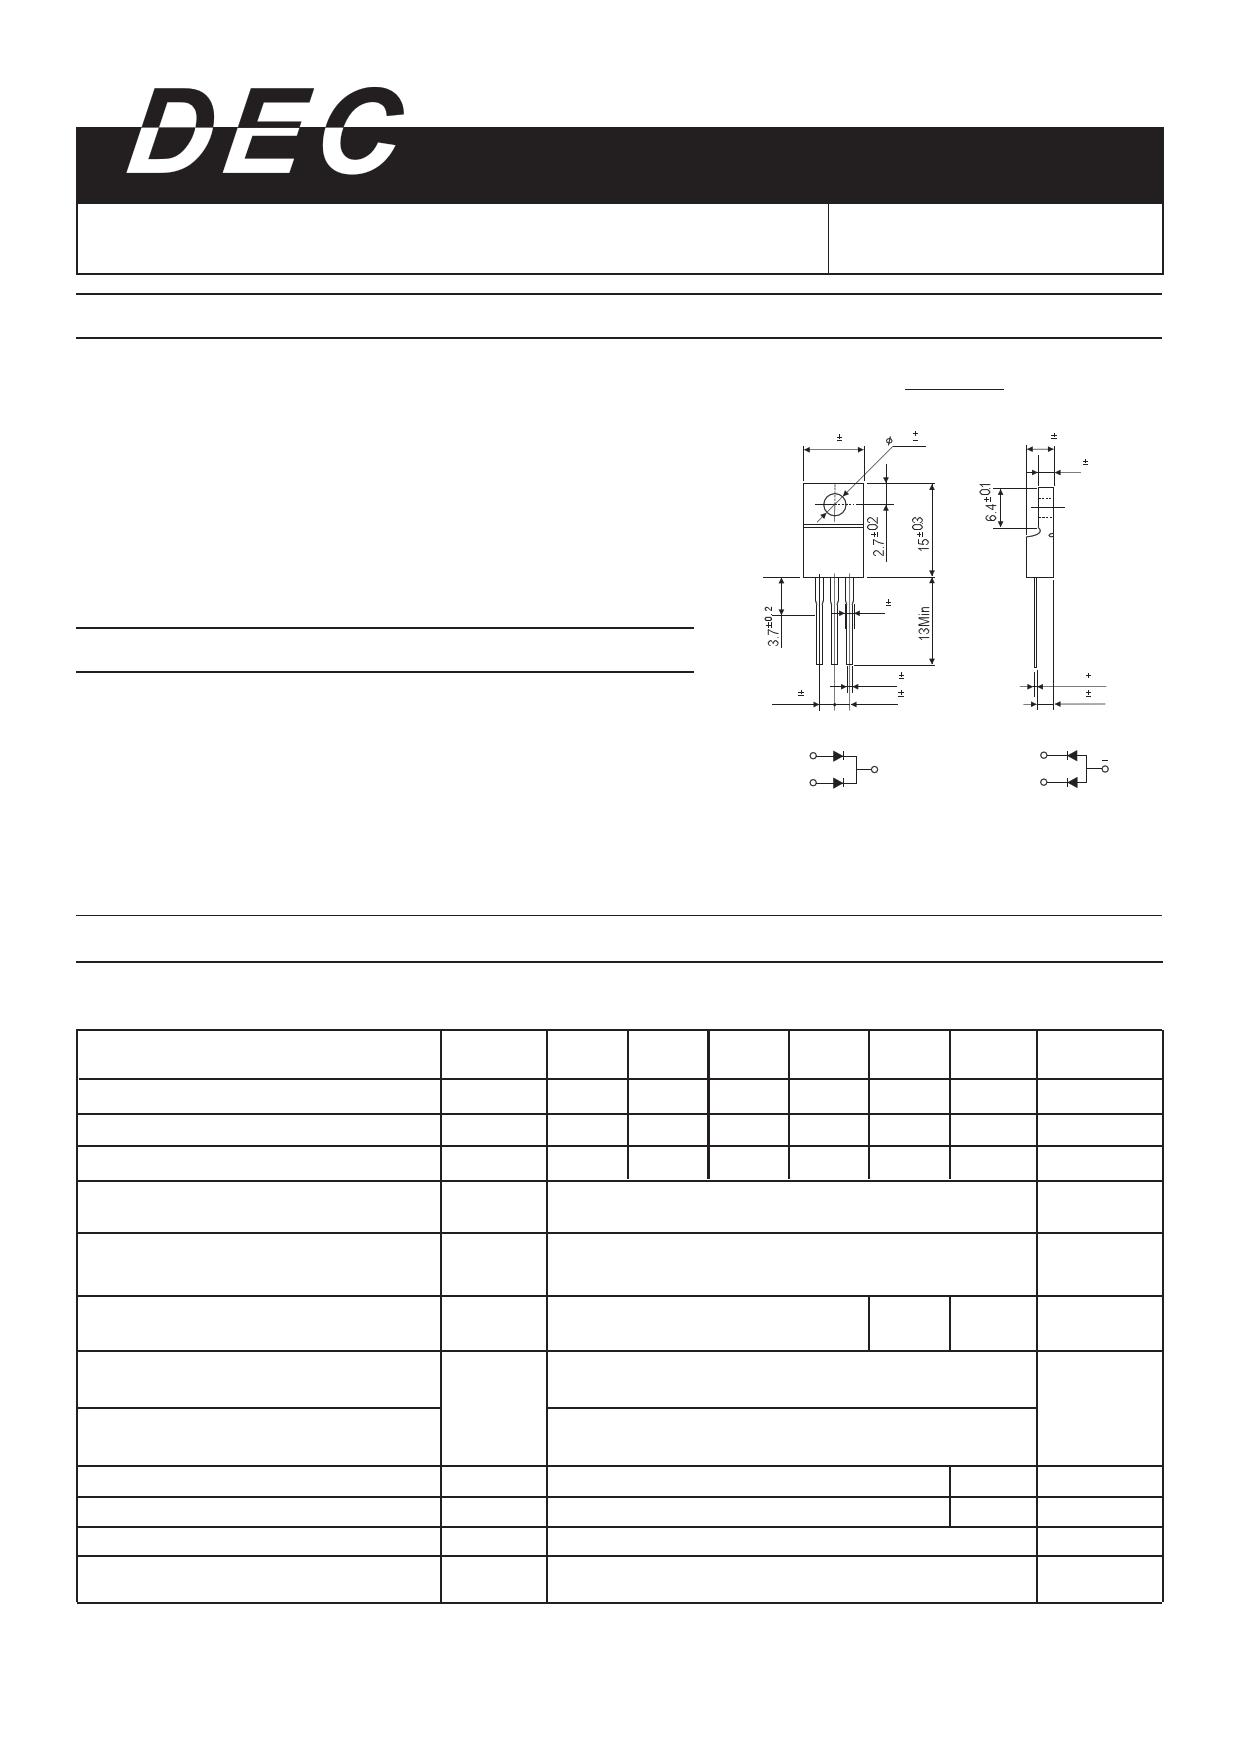 UFR1620 데이터시트 및 UFR1620 PDF